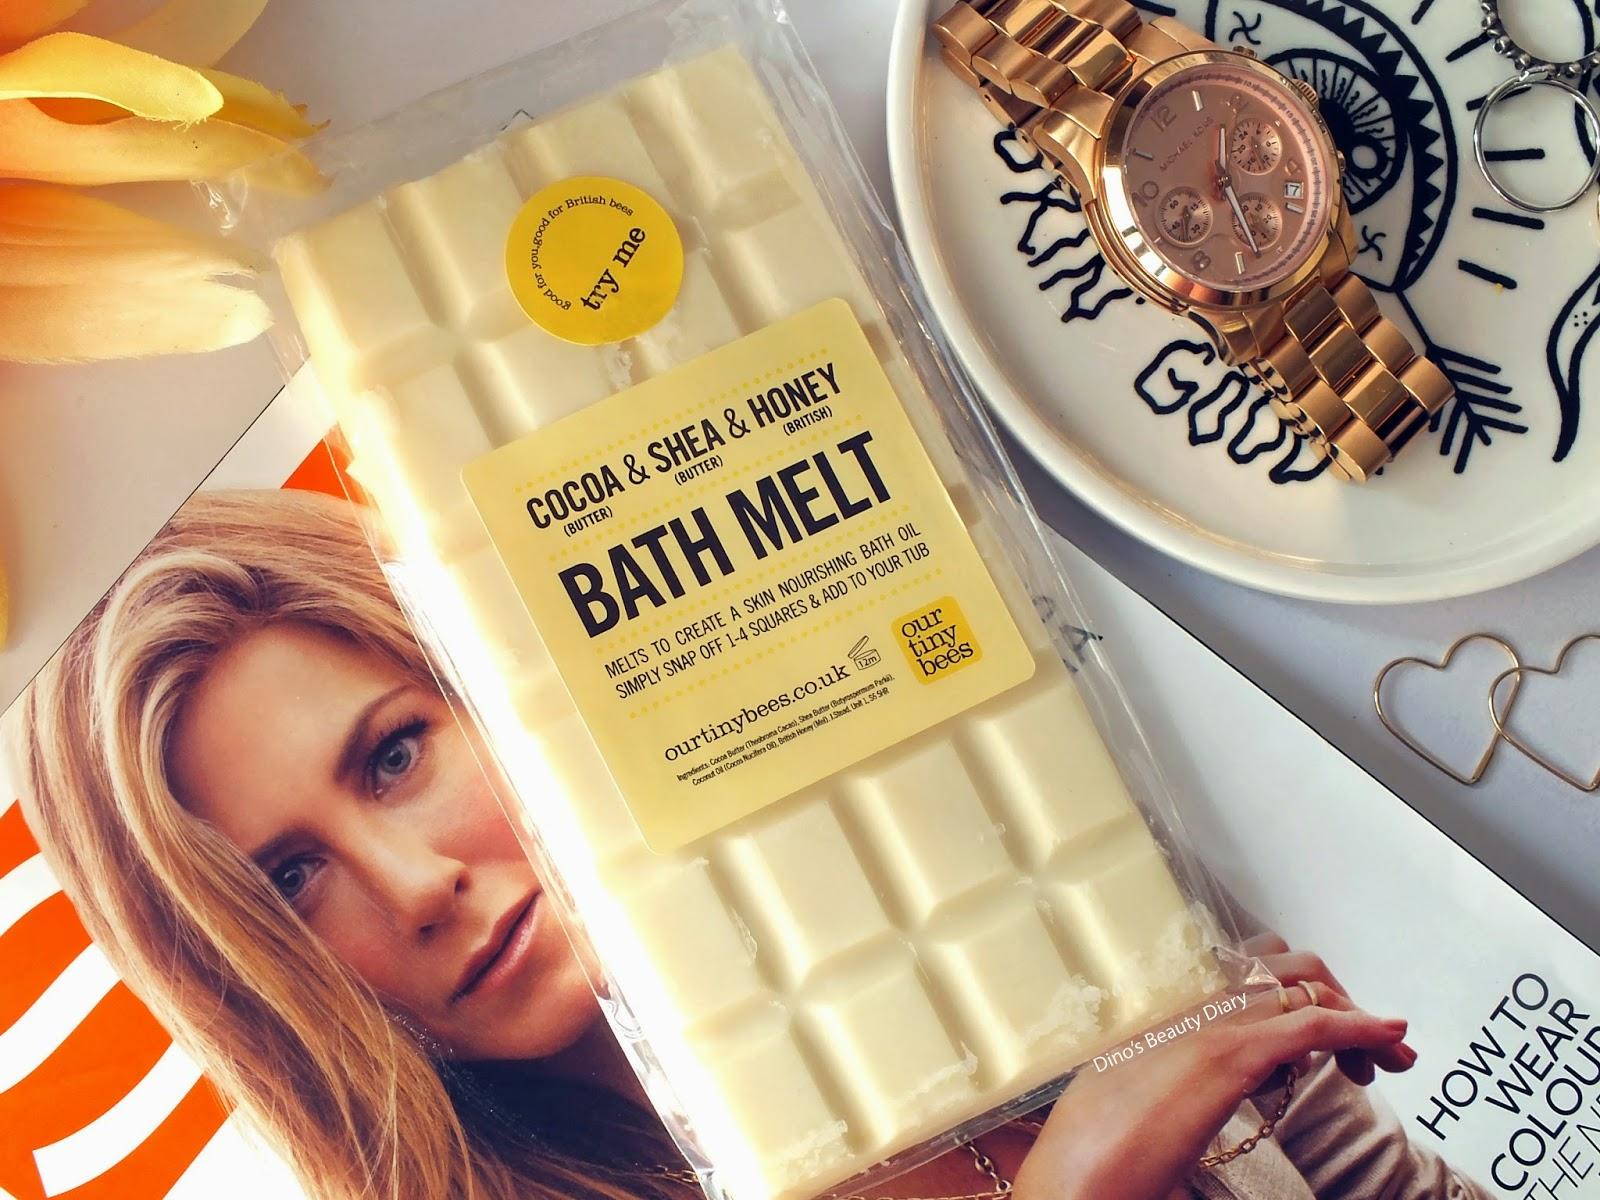 Dino's Beauty Diary - Bath & Body Review - Our Tiny Bees 'Cocoa, Shea and Honey' Bath Melt